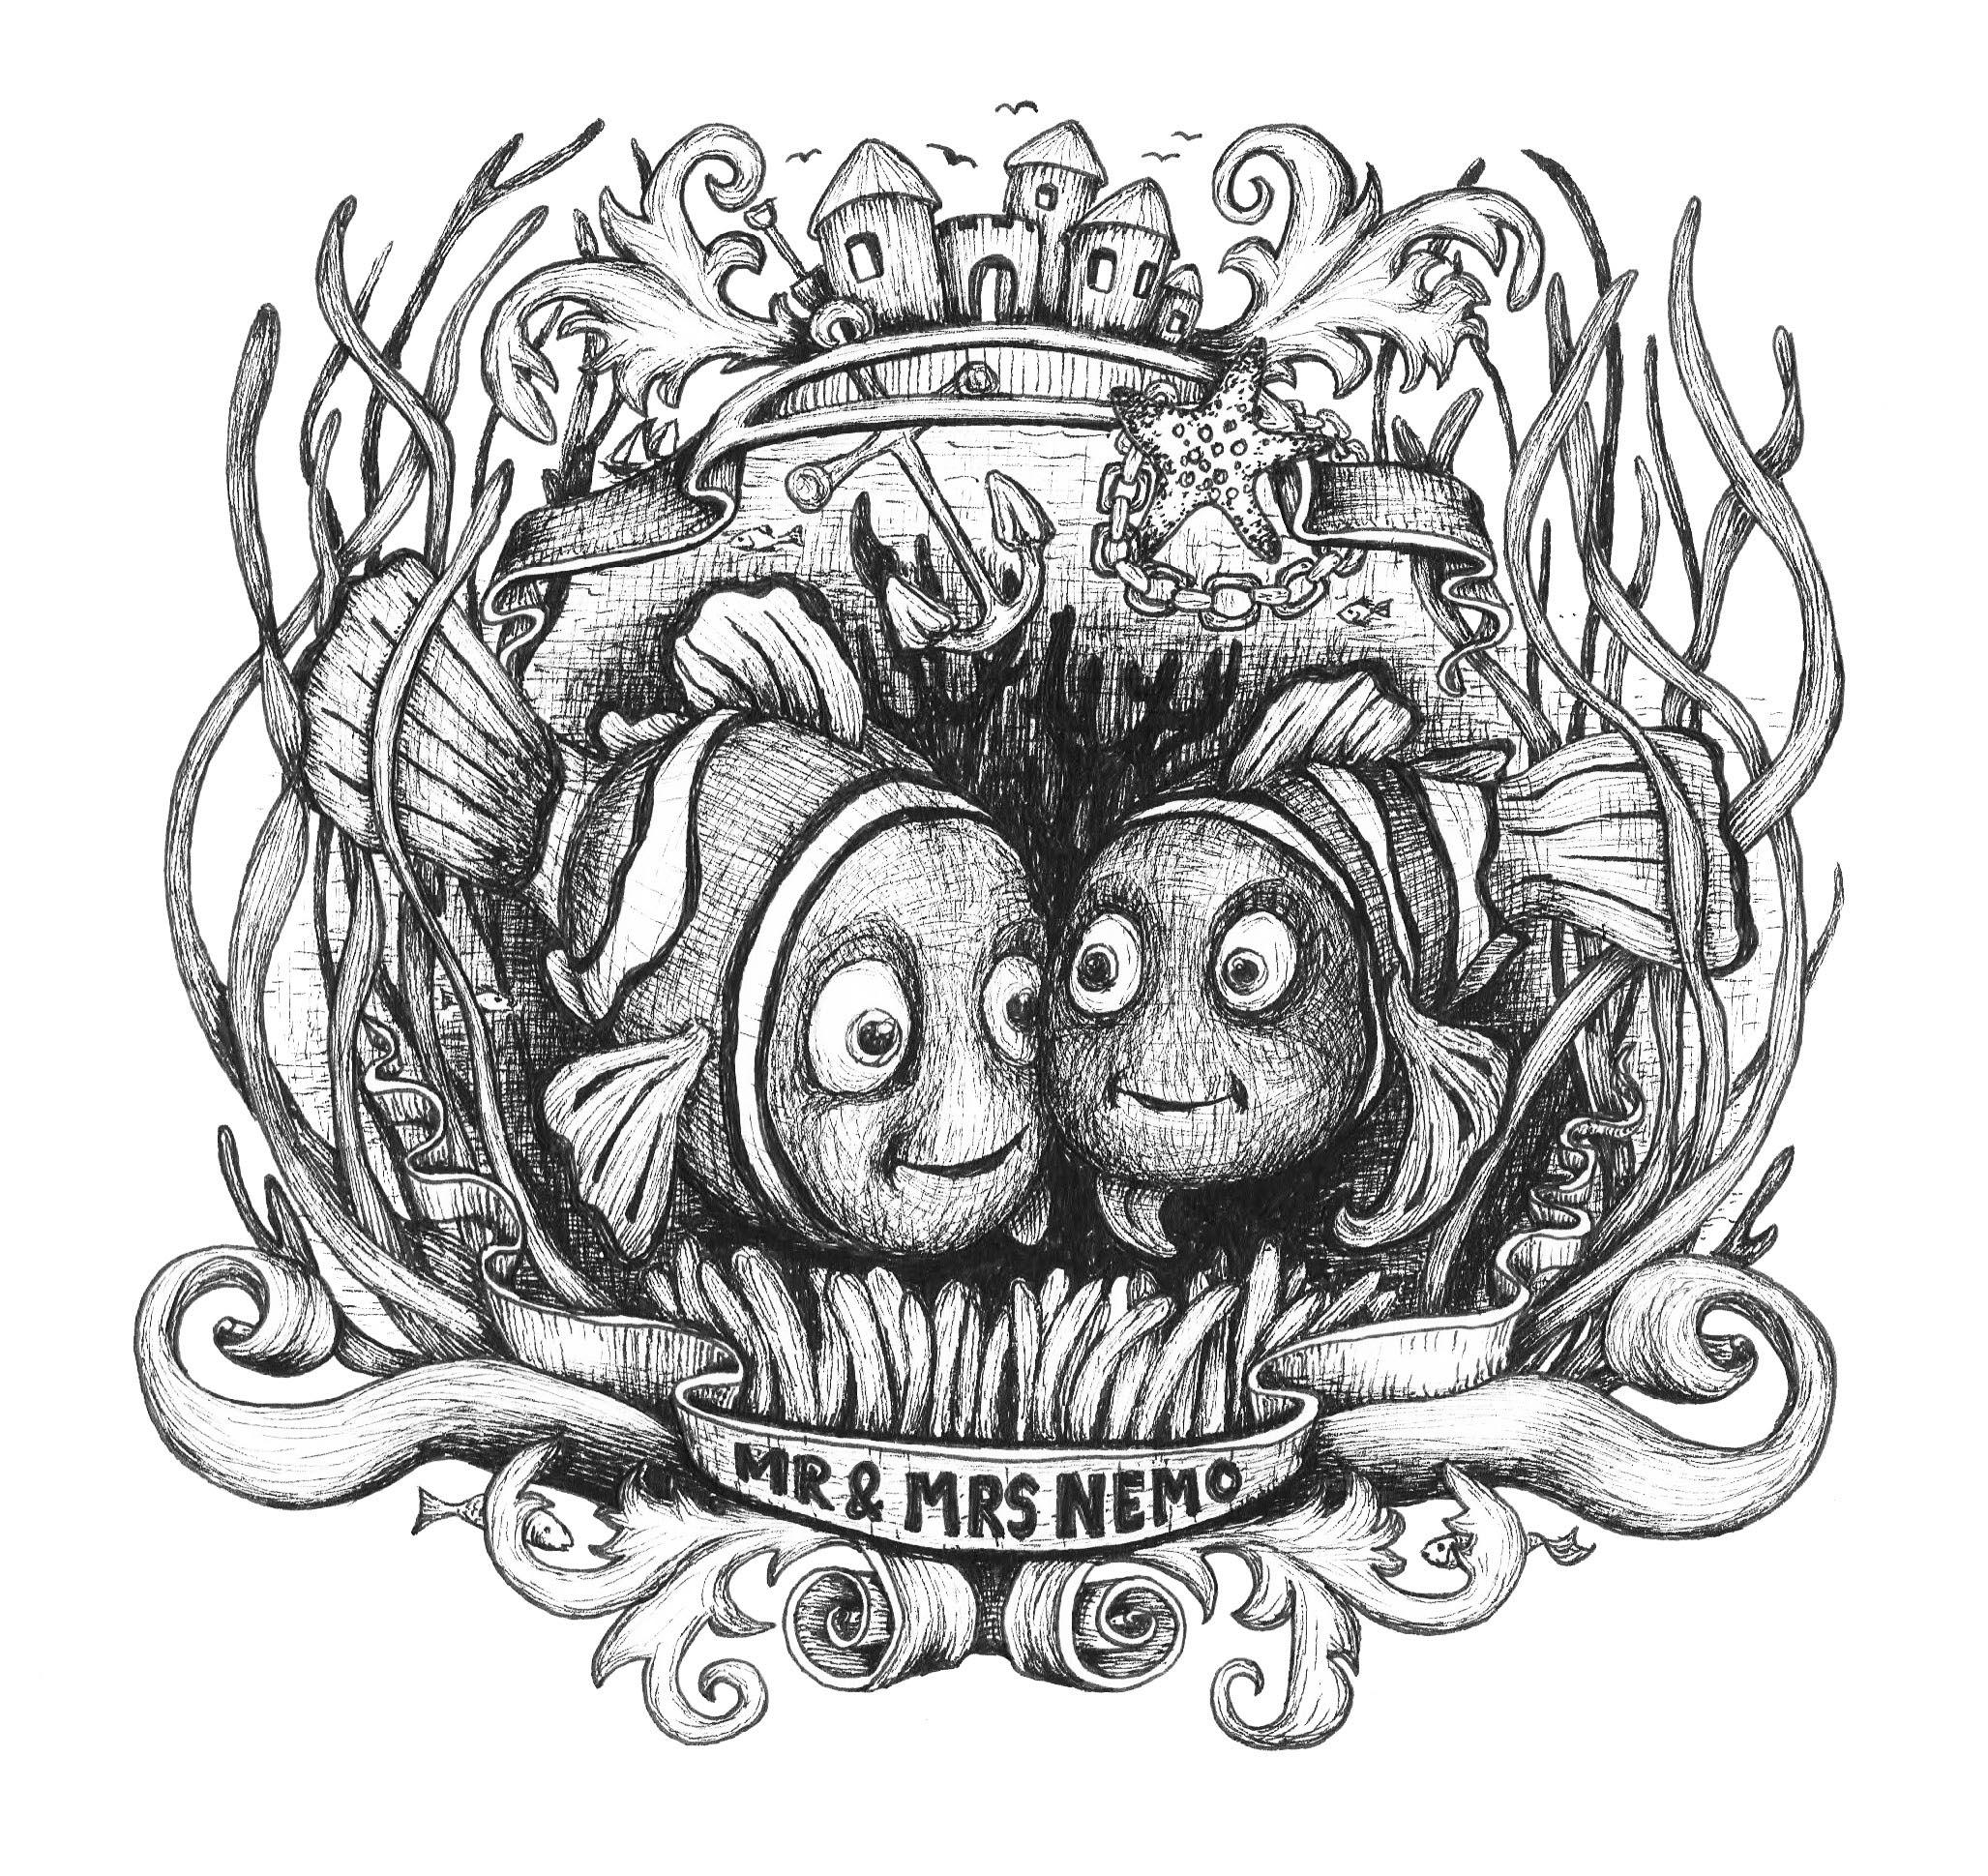 Mr & Mrs Nemo